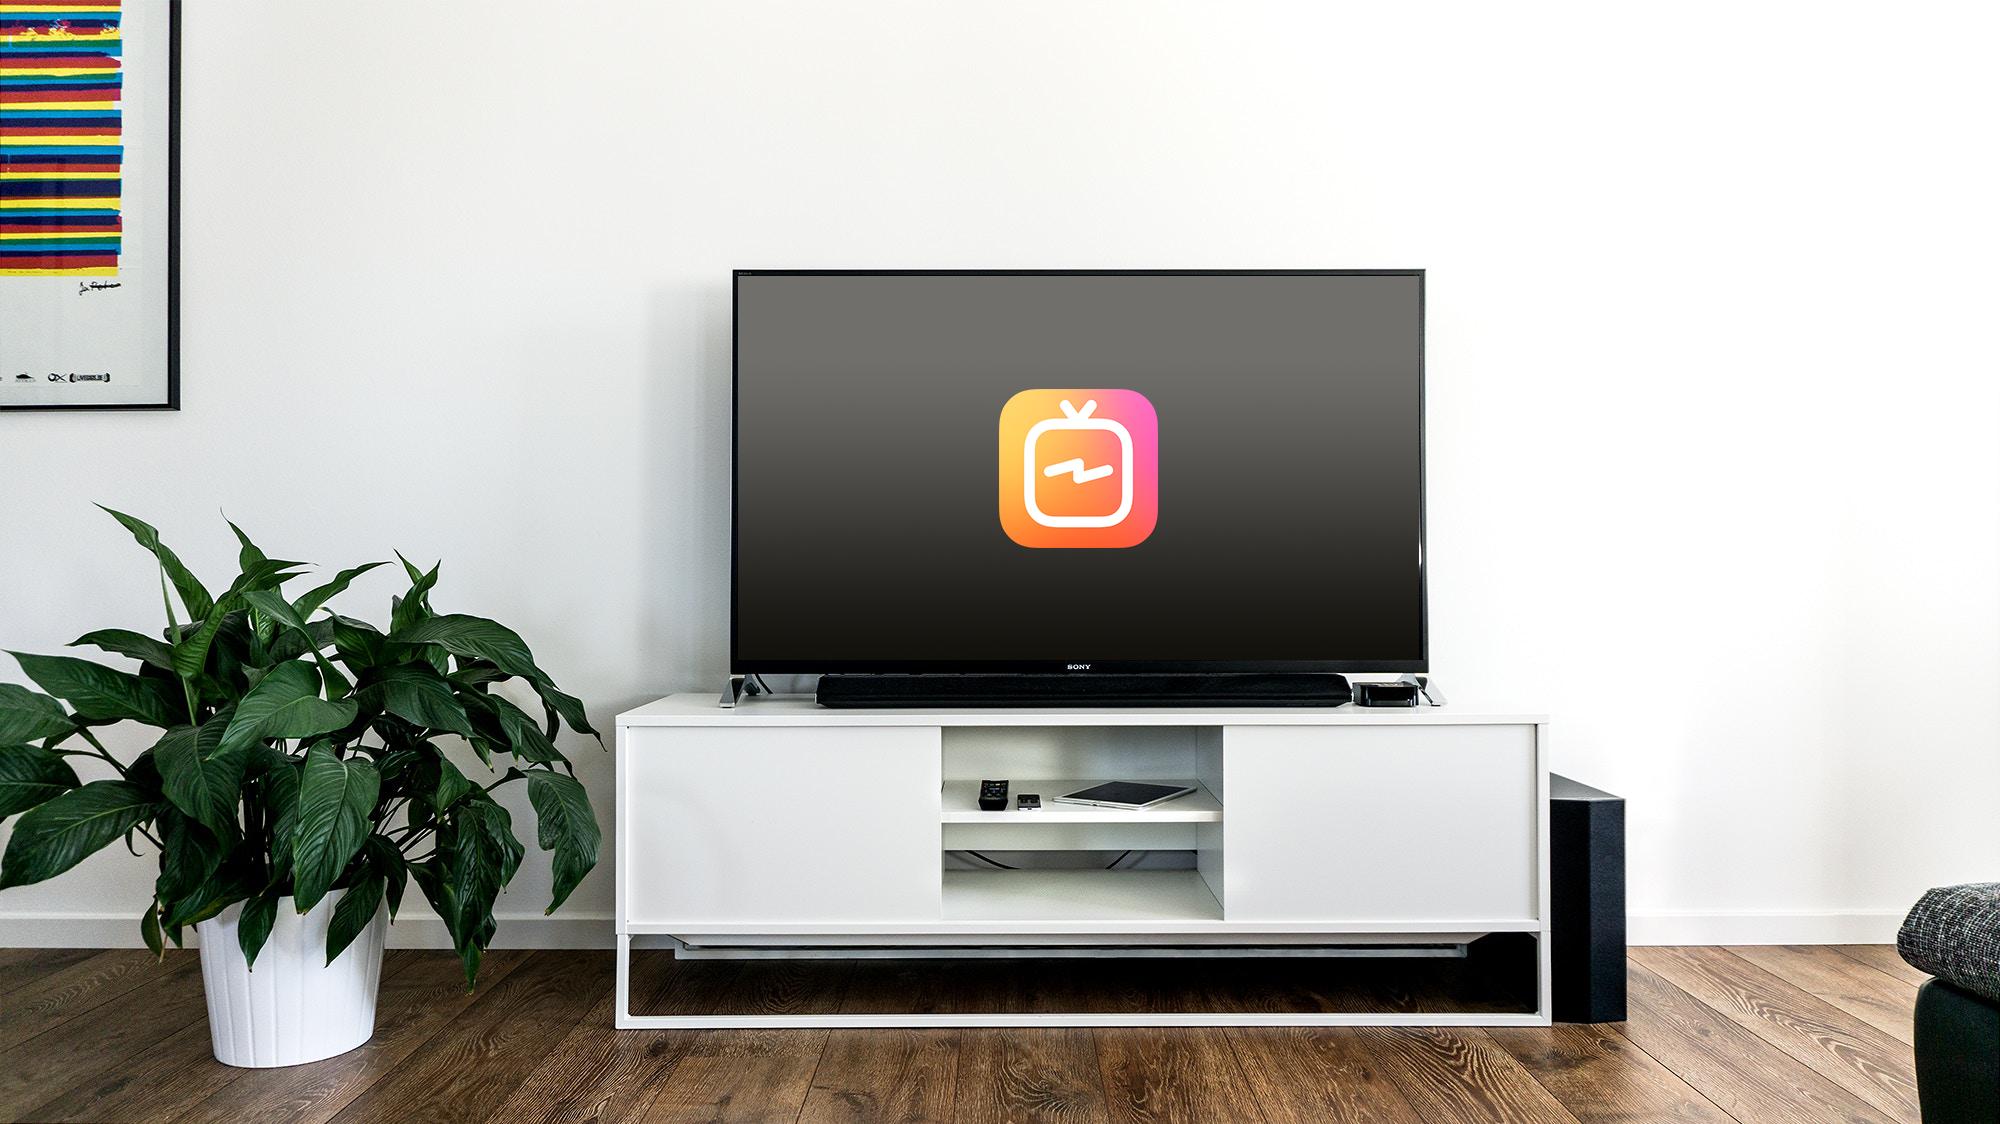 ikadia-blog-reseaux-sociaux-fonctionnalité-instagram2